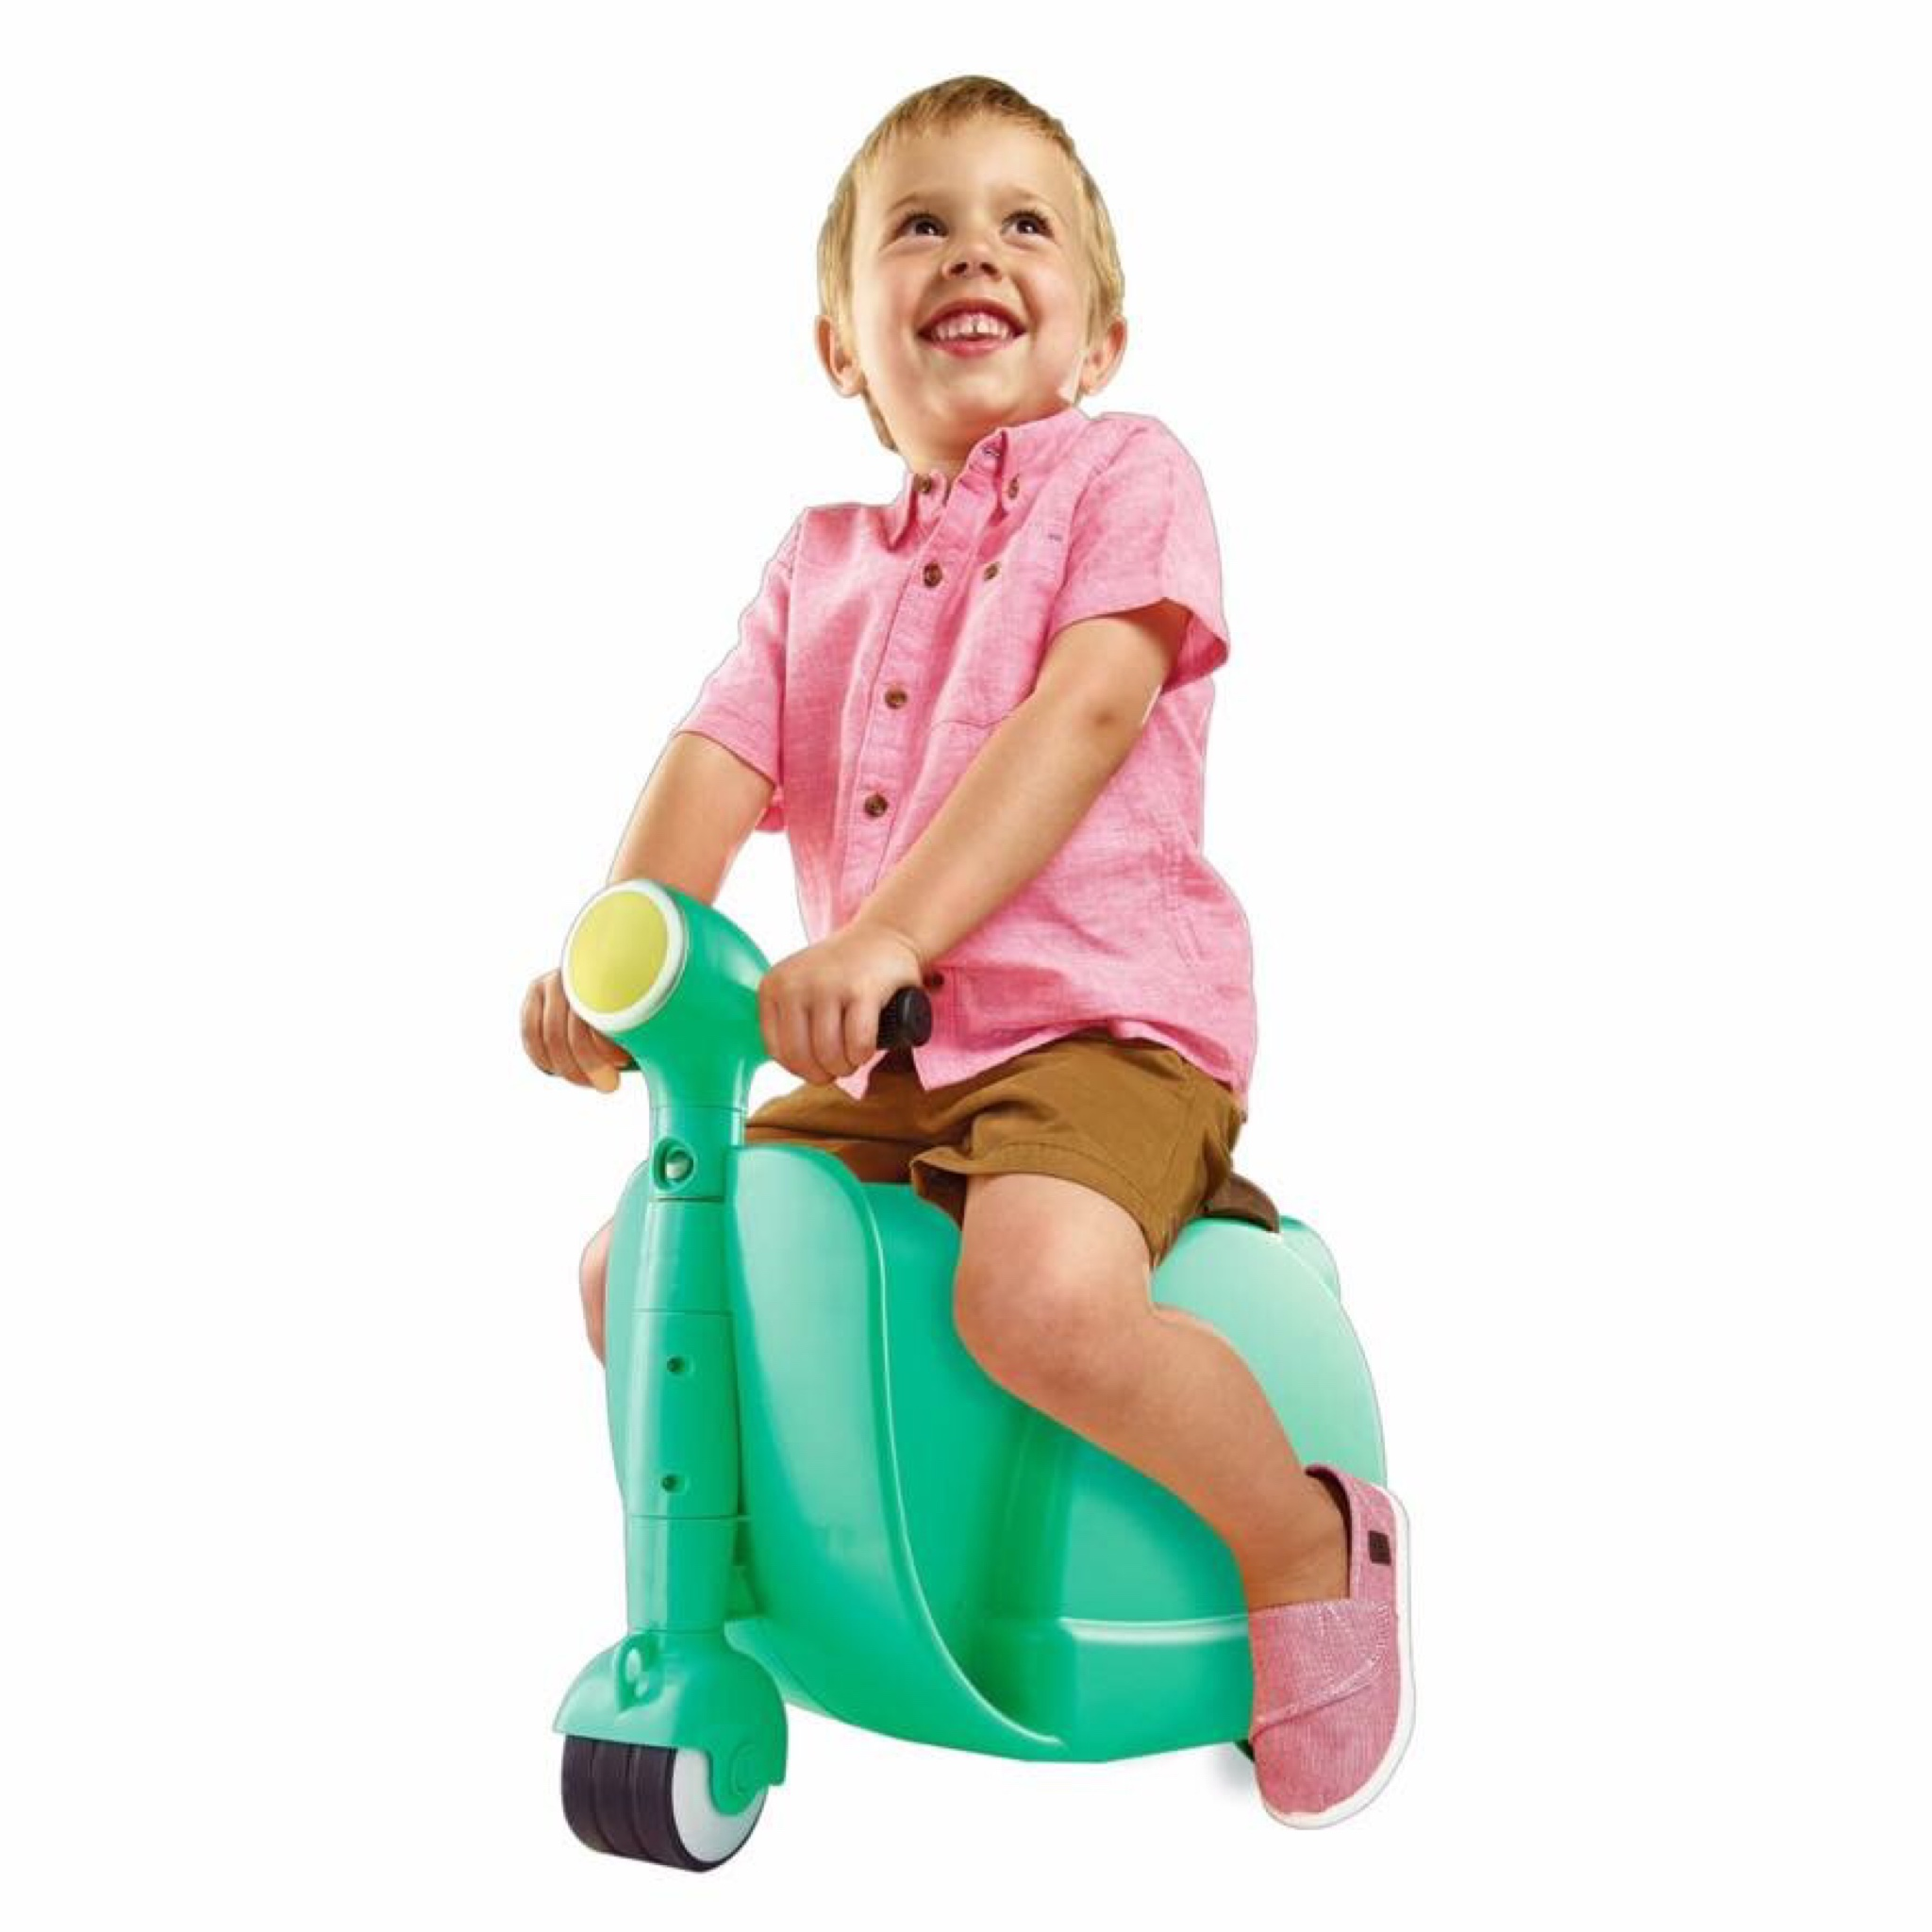 กระเป๋าเดินทางขับขี่ได้สำหรับเด็ก Skoot Children's Ride-On Suitcase (Pistachio)